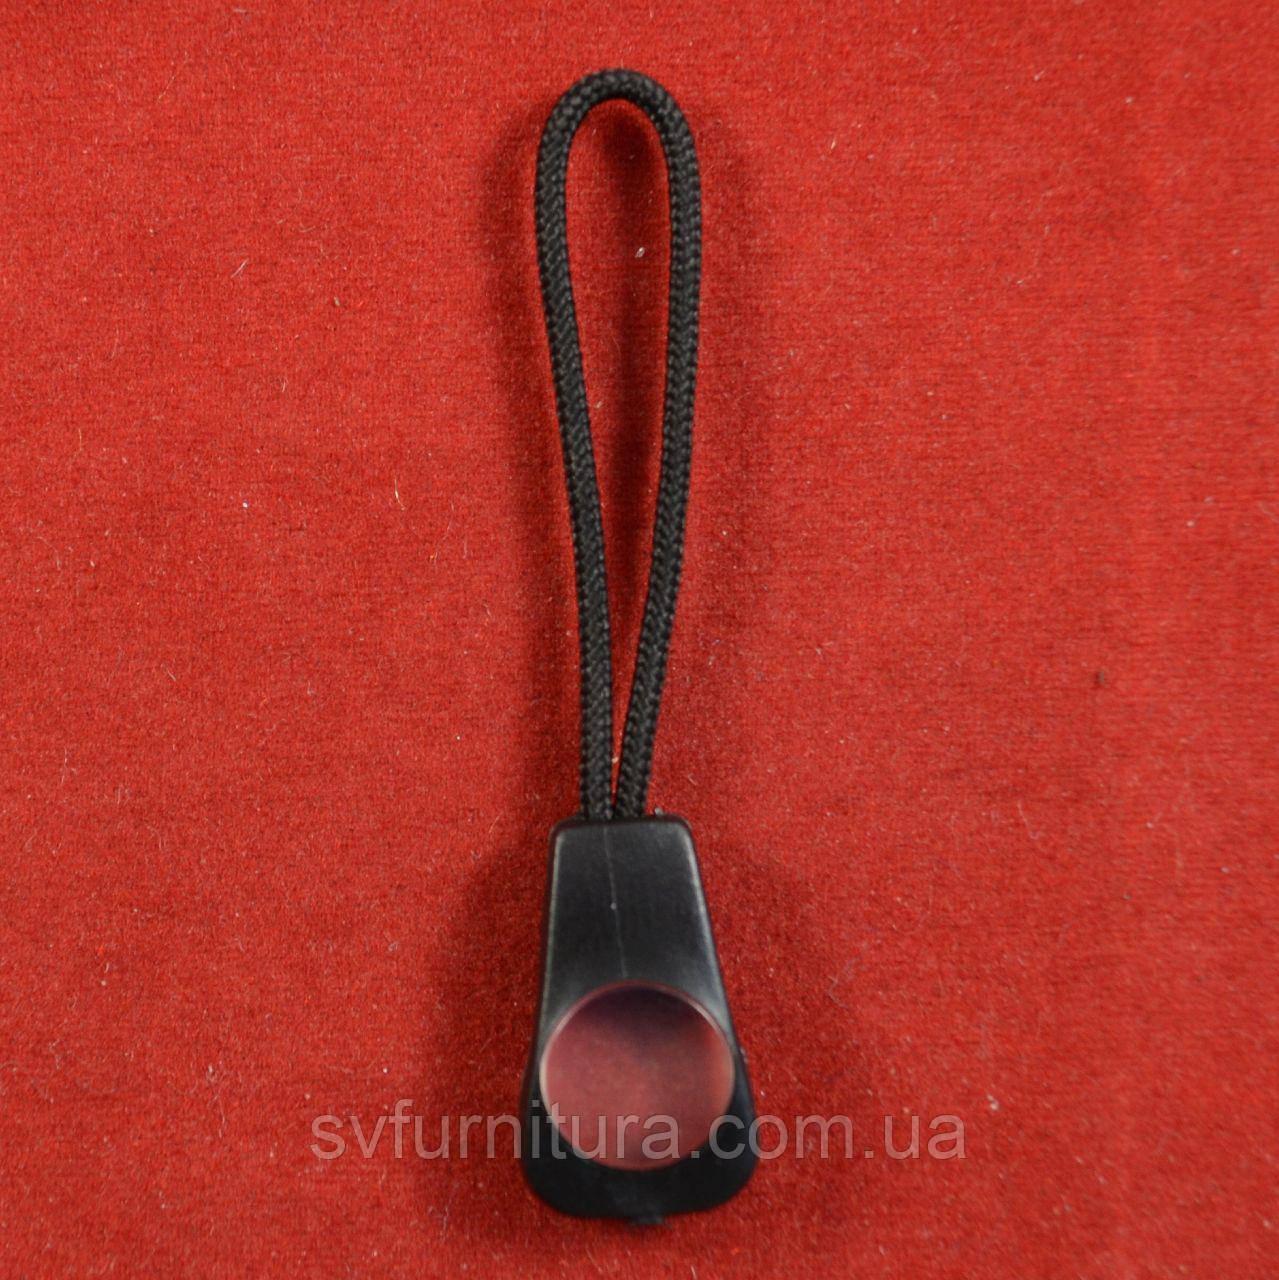 Пуллер S 133 чорний